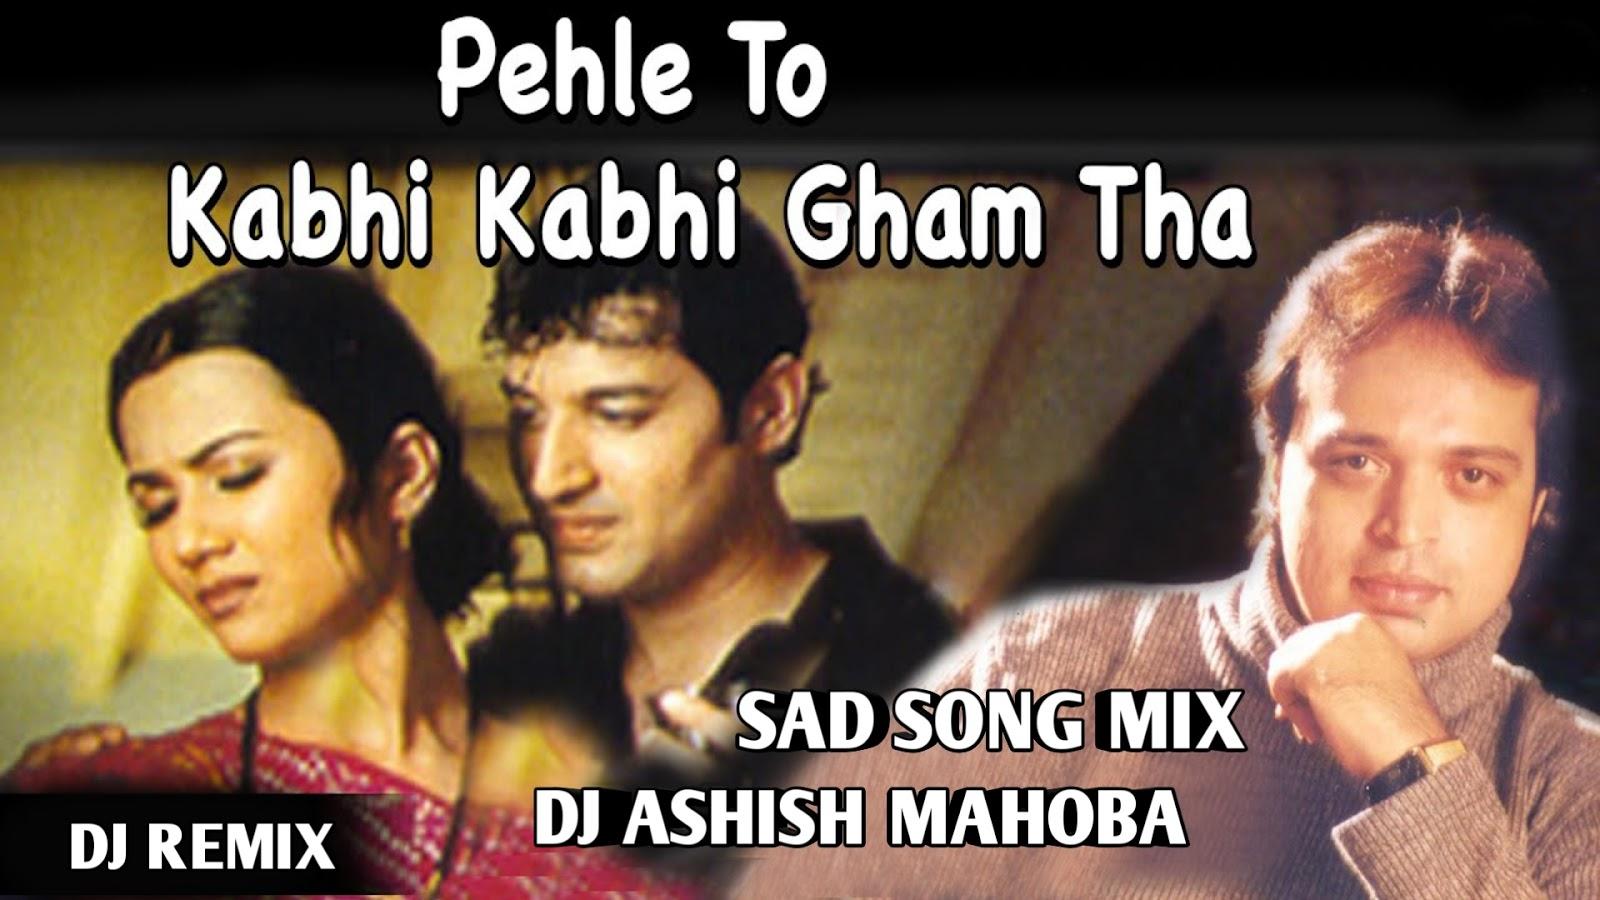 Dj Ashish Mahoba